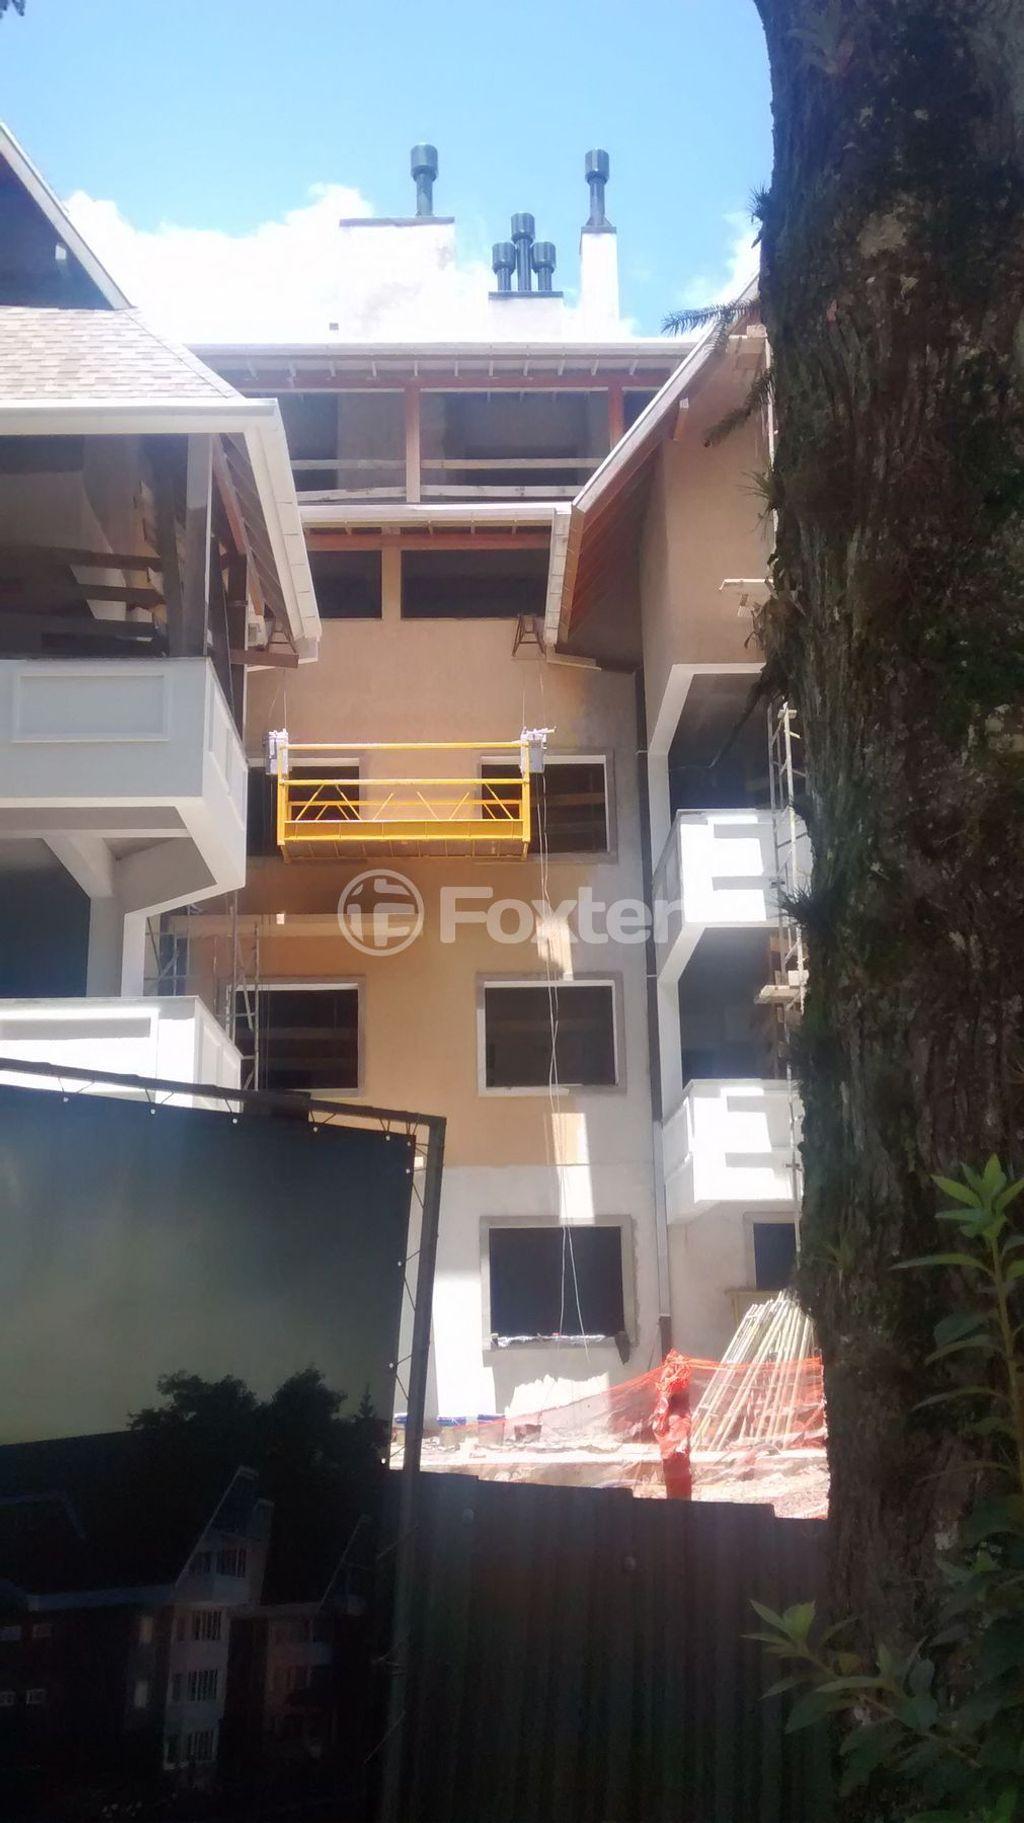 Foxter Imobiliária - Apto 3 Dorm, Centro, Gramado - Foto 9